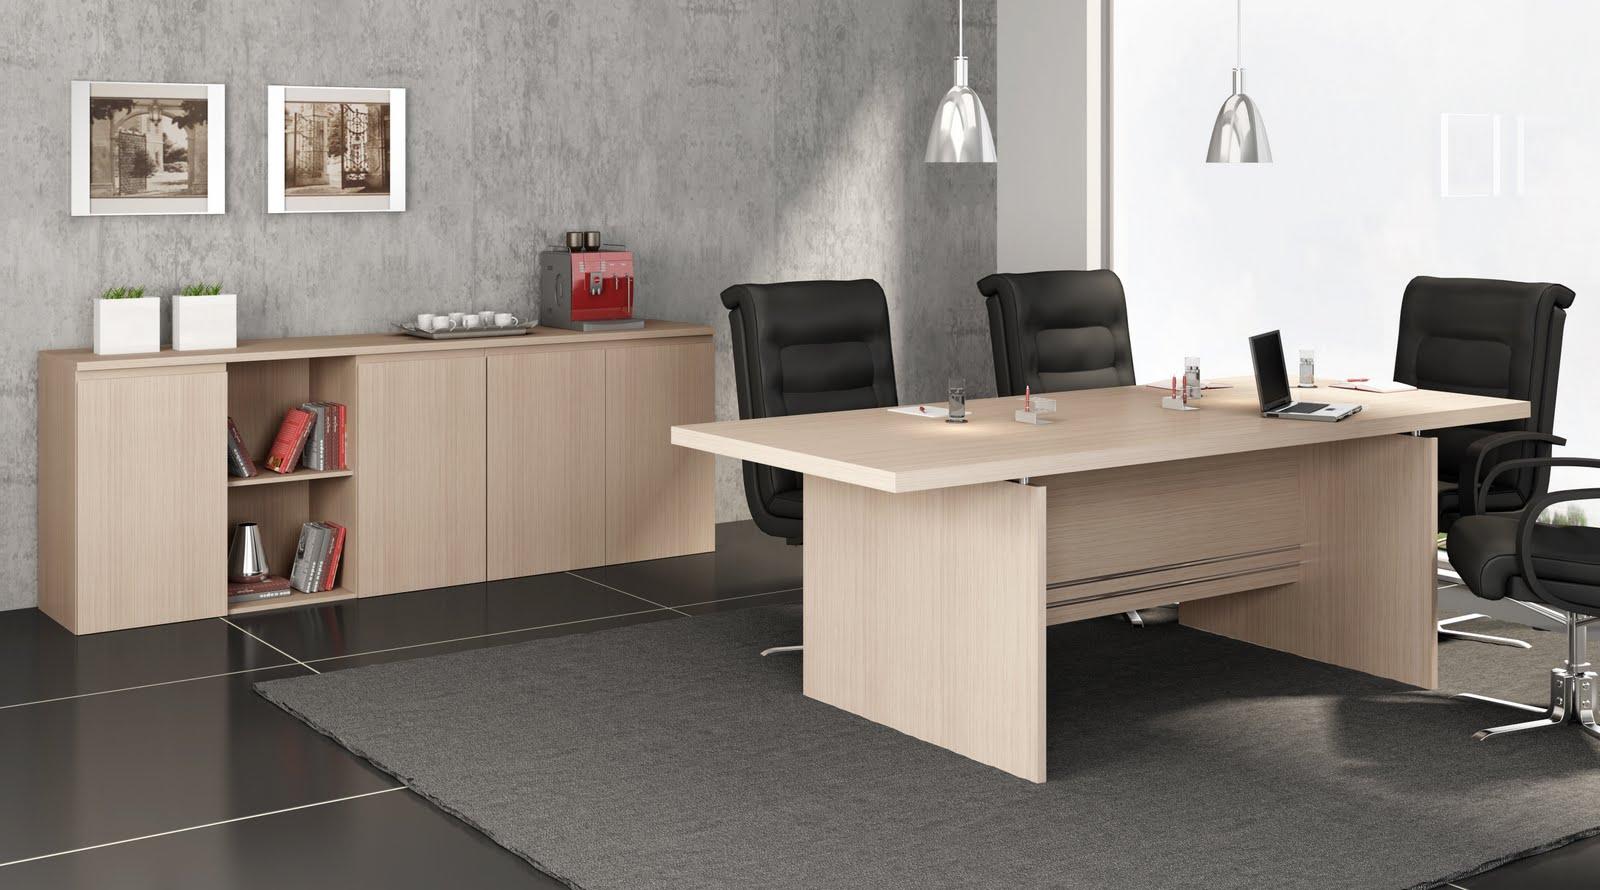 Móveis para escritório projetado Comodità Modulados #943E37 1600x890